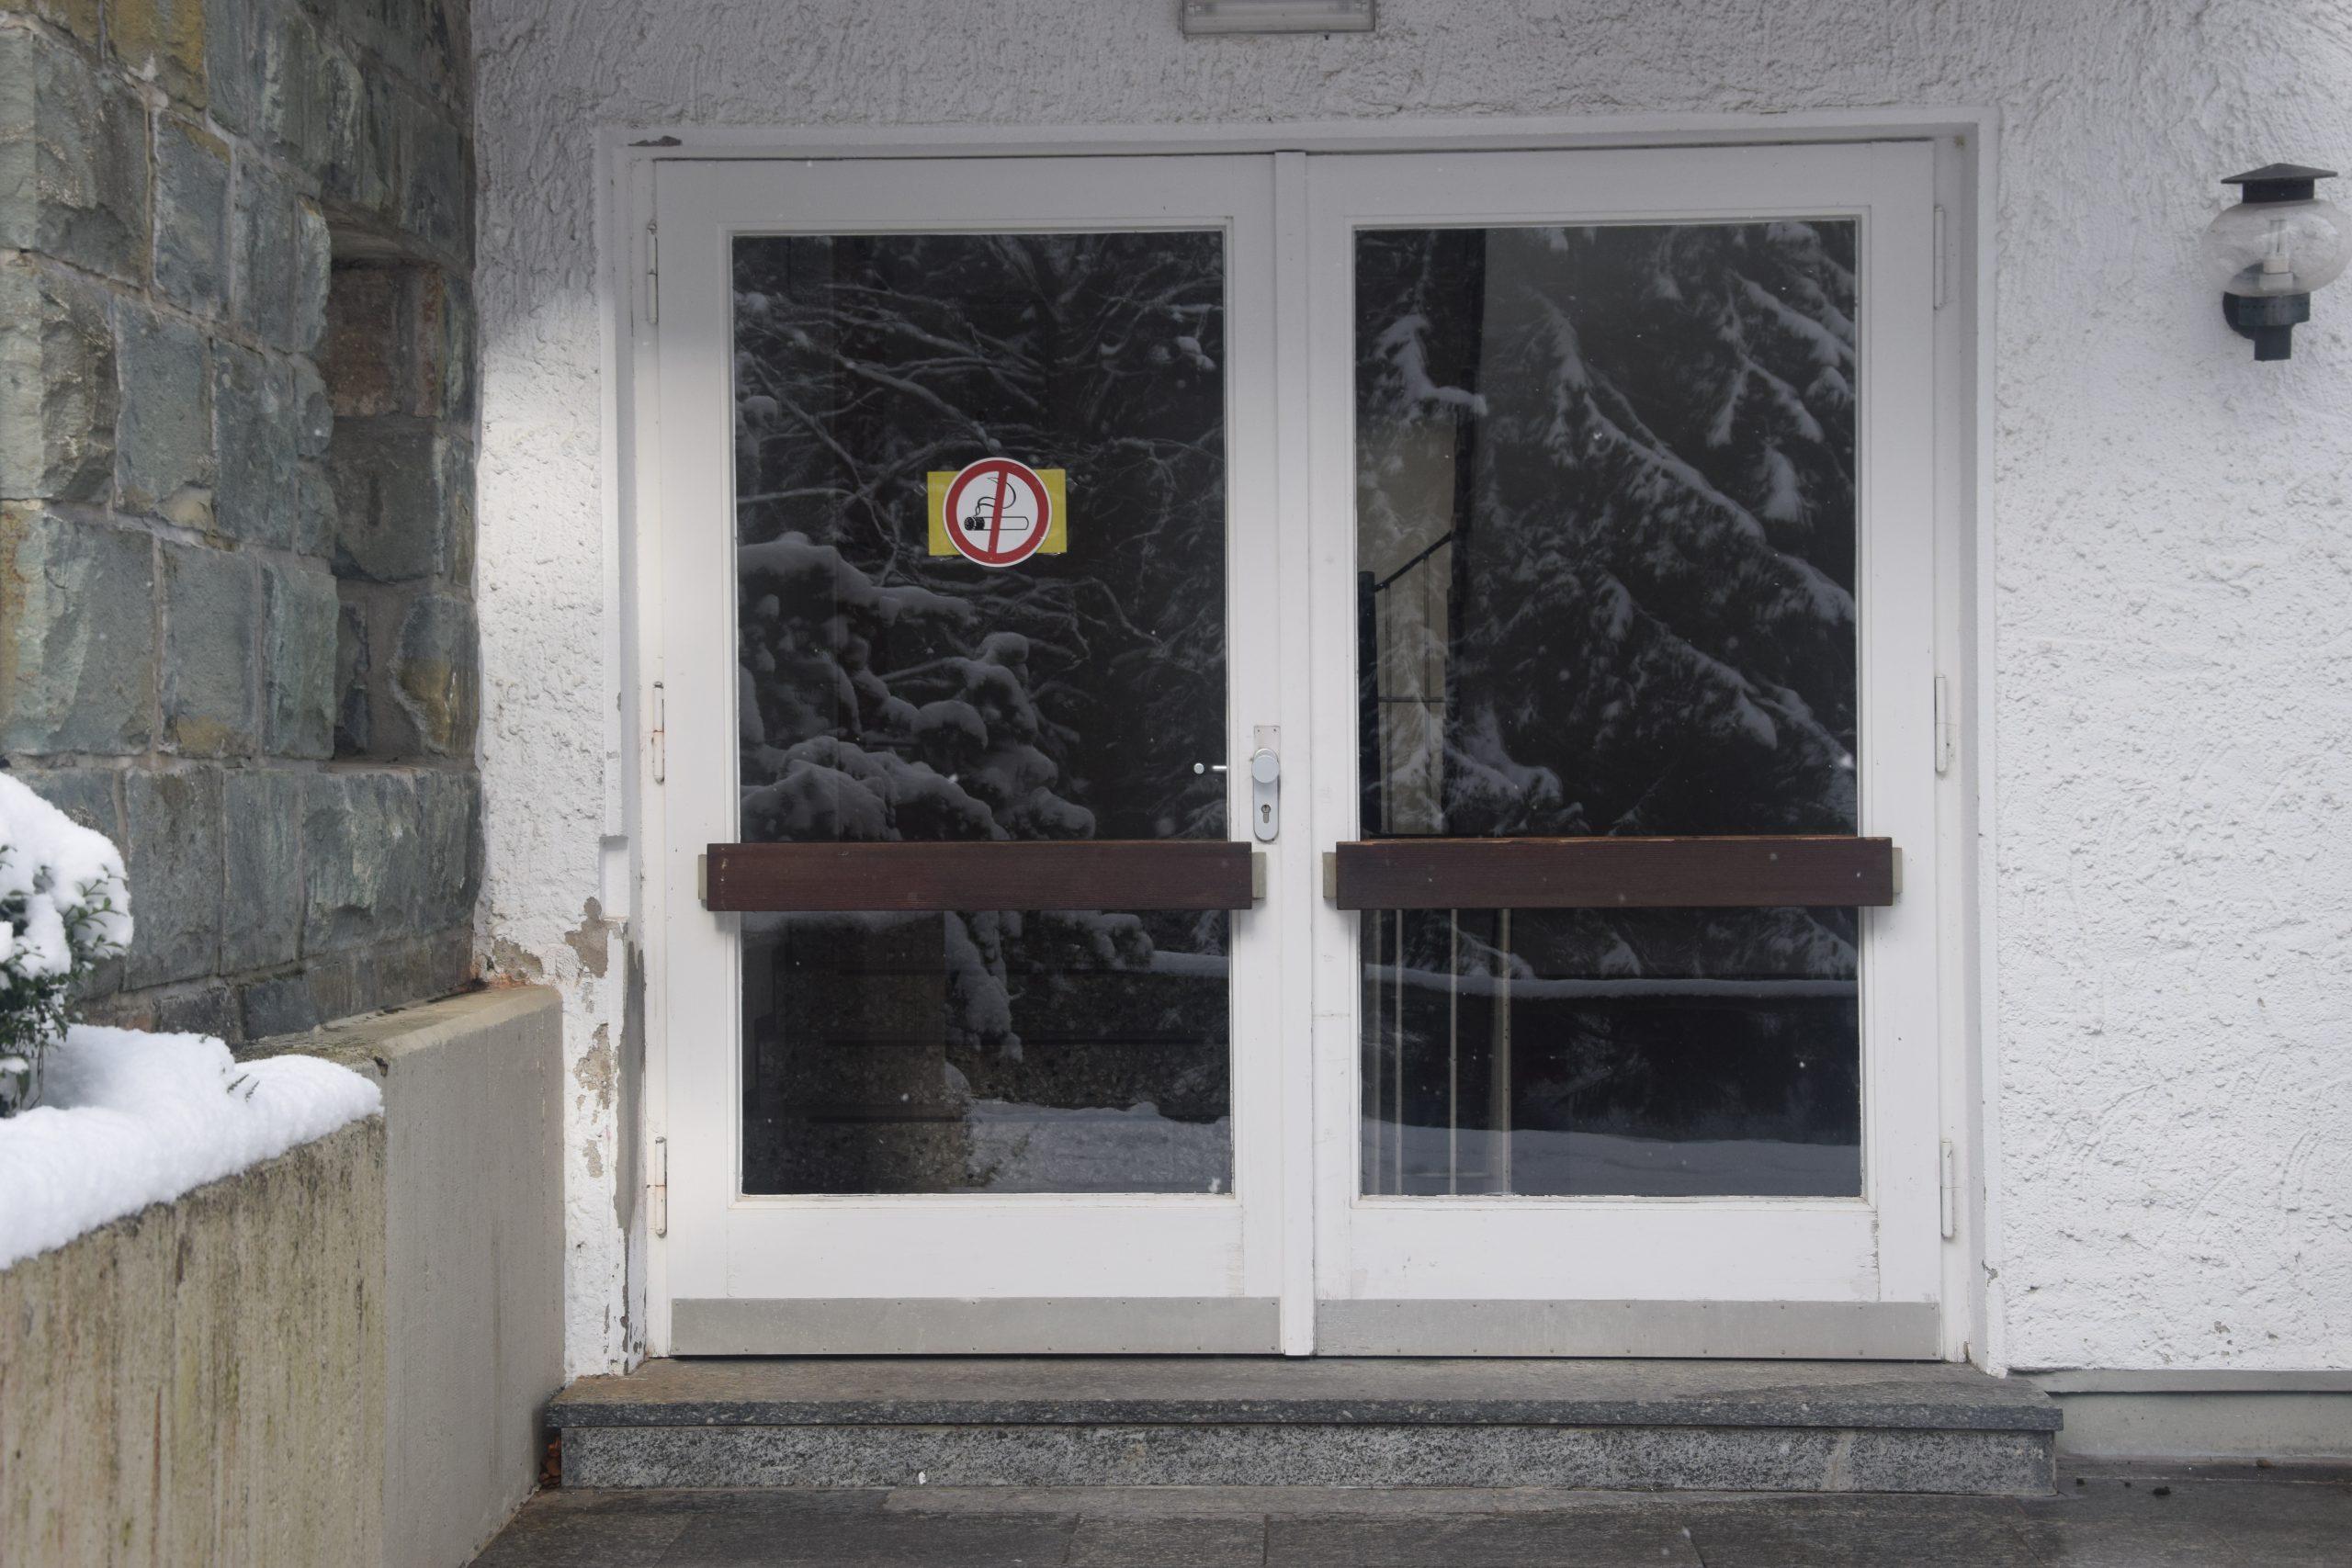 Full Size of Fenster Erneuern Erneuerung Von Und Tr Schullandheim Winterberg Konfigurieren Einbruchsicher Nachrüsten Alarmanlage Online Beleuchtung Holz Alu Preise Fenster Fenster Erneuern